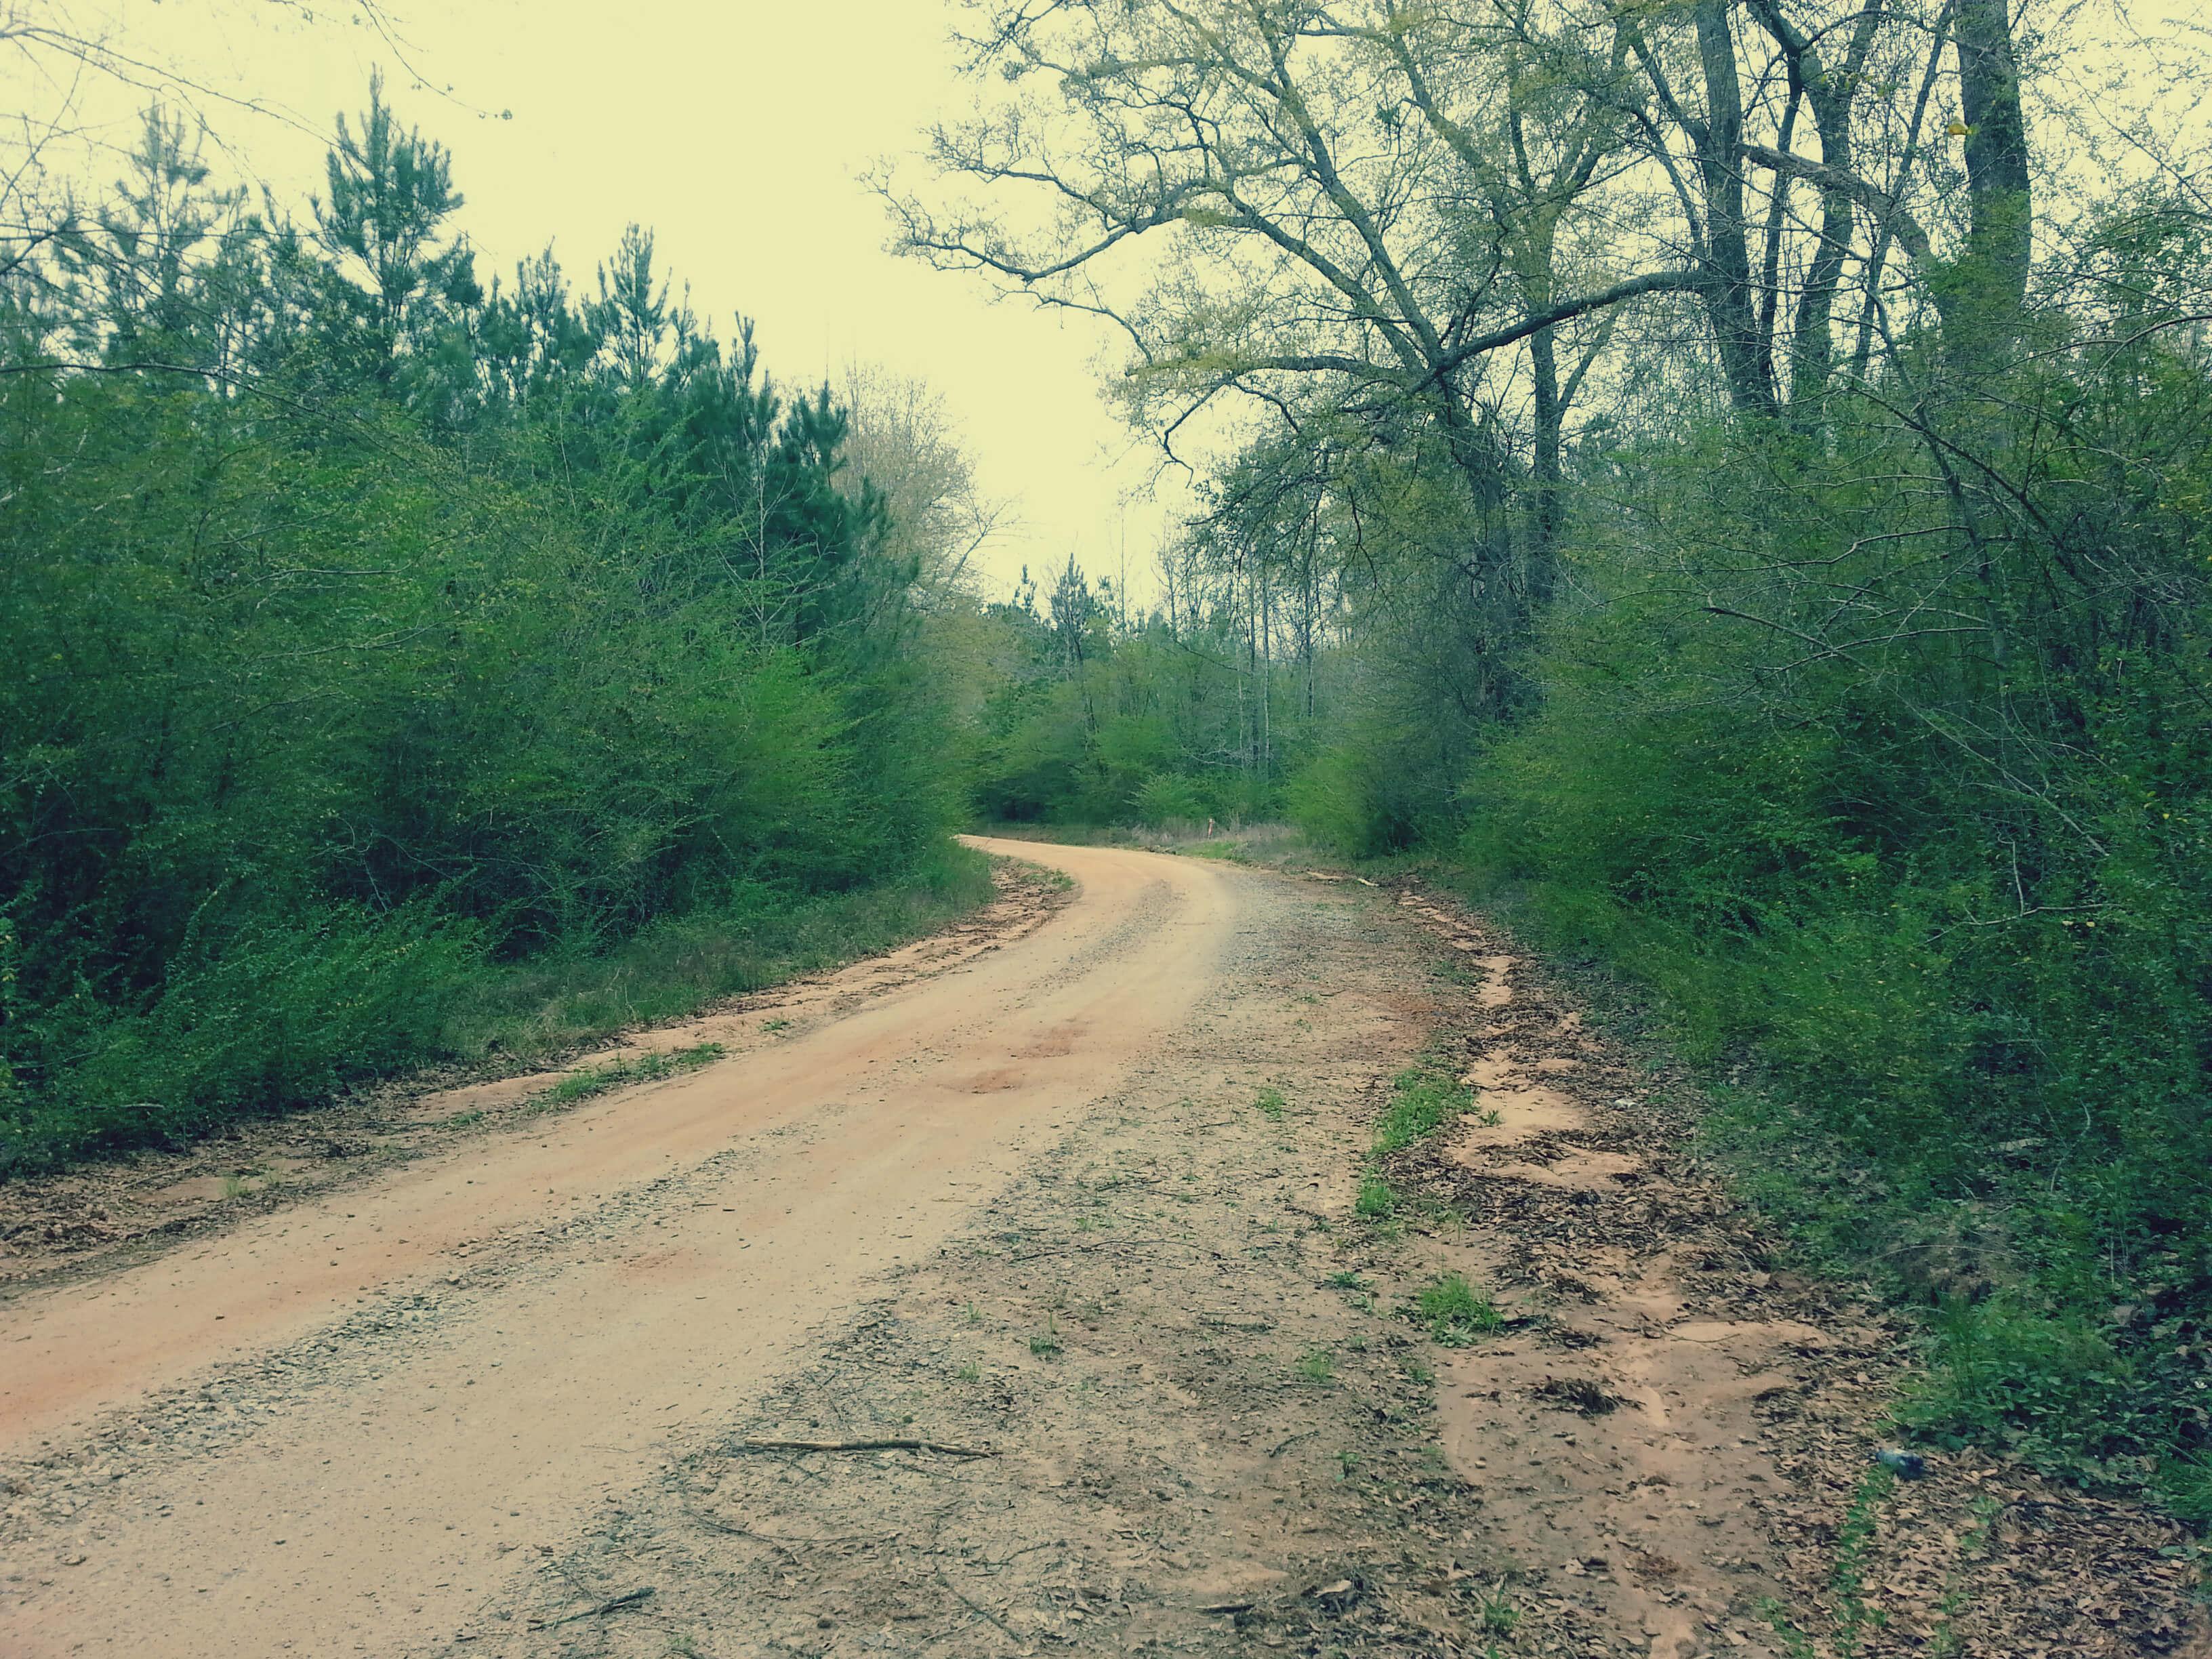 Rural Oglethorpe County